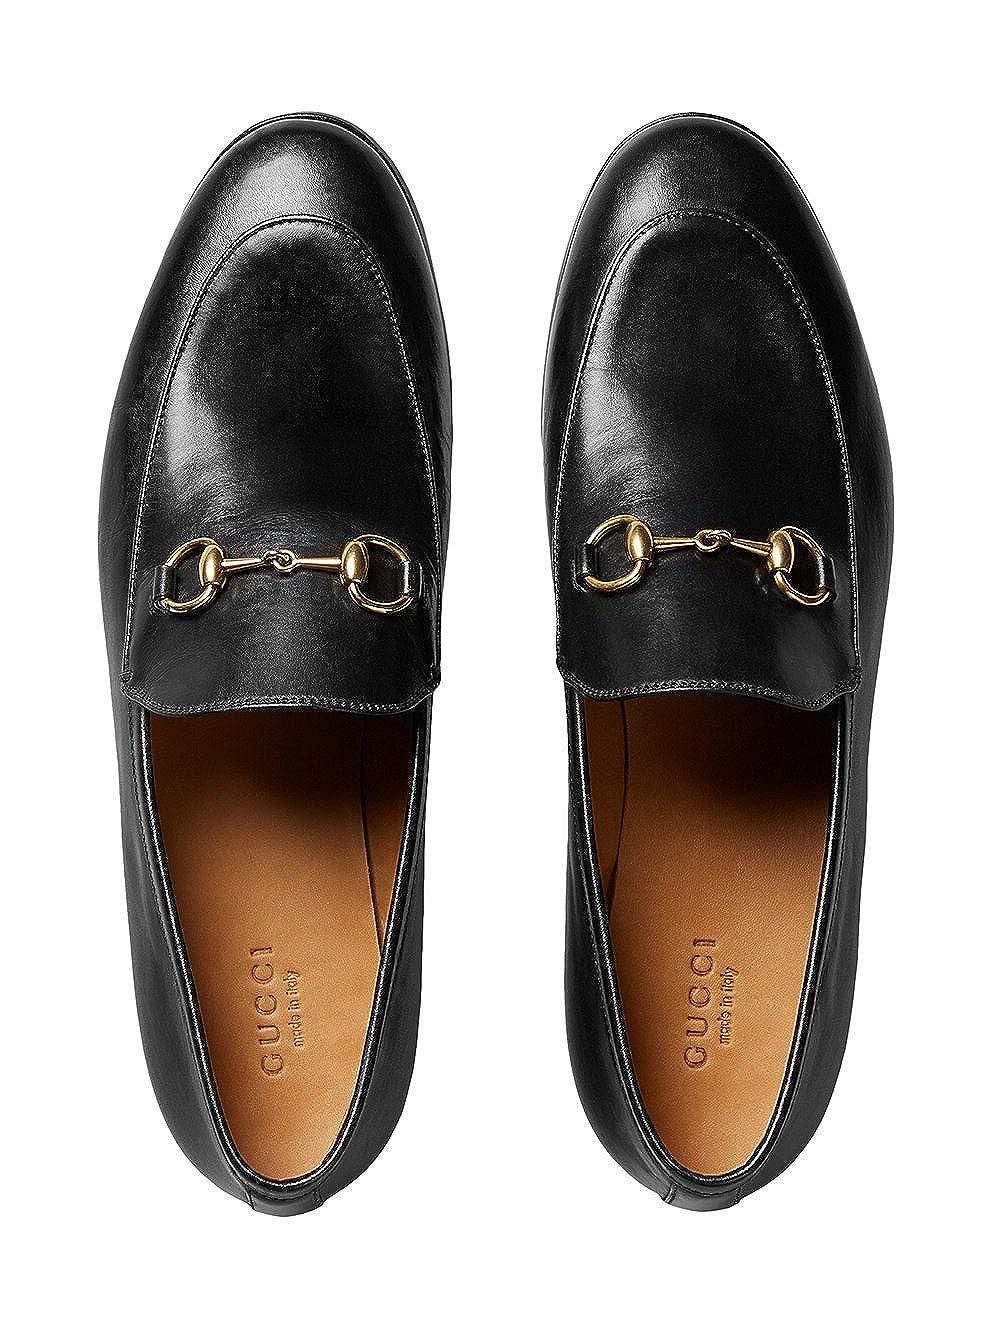 GUCCI - Mocasines Mujer, Negro (Negro), 39: Amazon.es: Zapatos y complementos